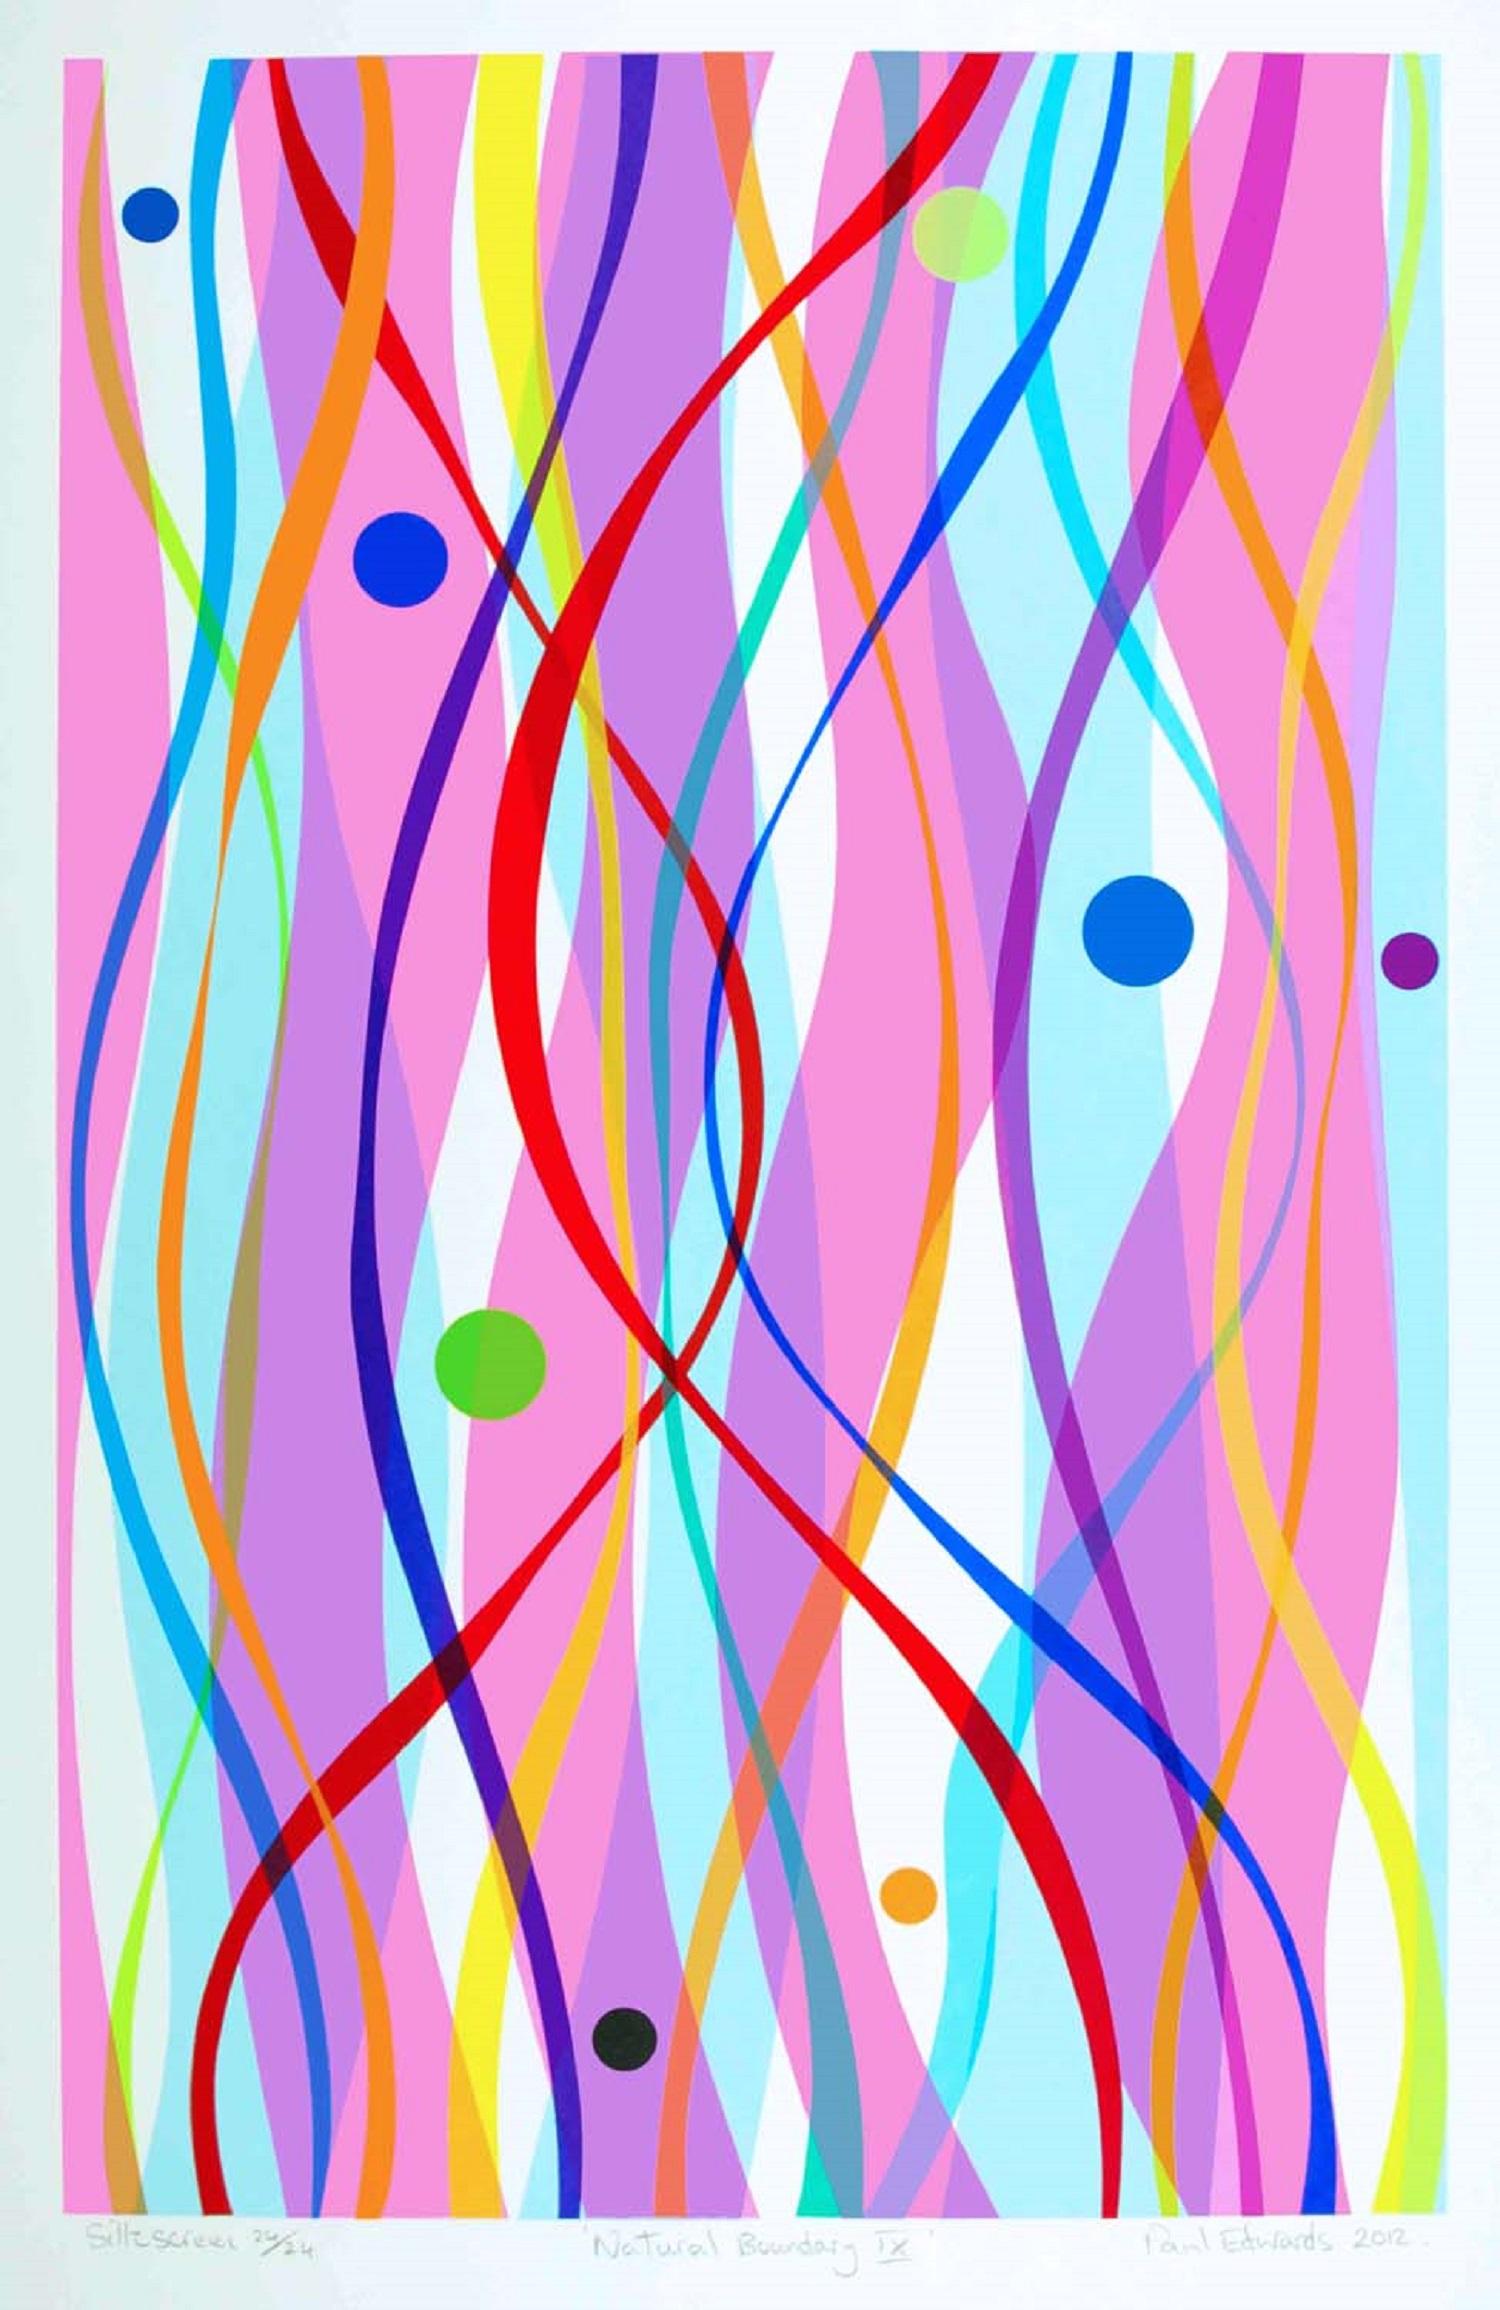 Natural Boundary IX   silkscreen   Approx 50 x 70 framed  £195 unframed